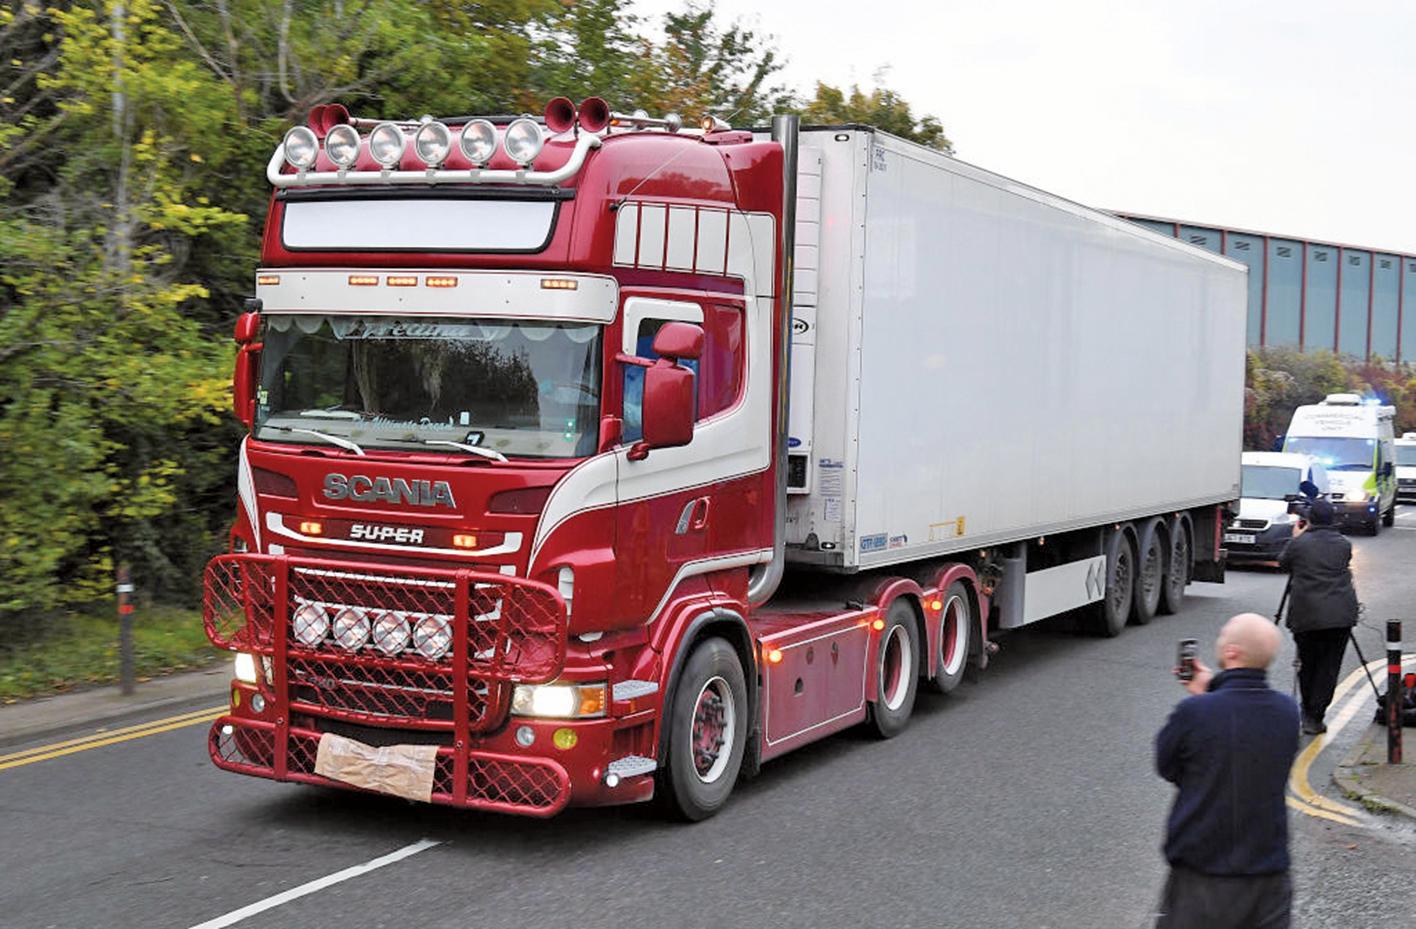 英國警方於周三(10月23日)在倫敦東部埃塞克斯(Essex)的一輛半卡車後部發現39具屍體。(Getty Images)